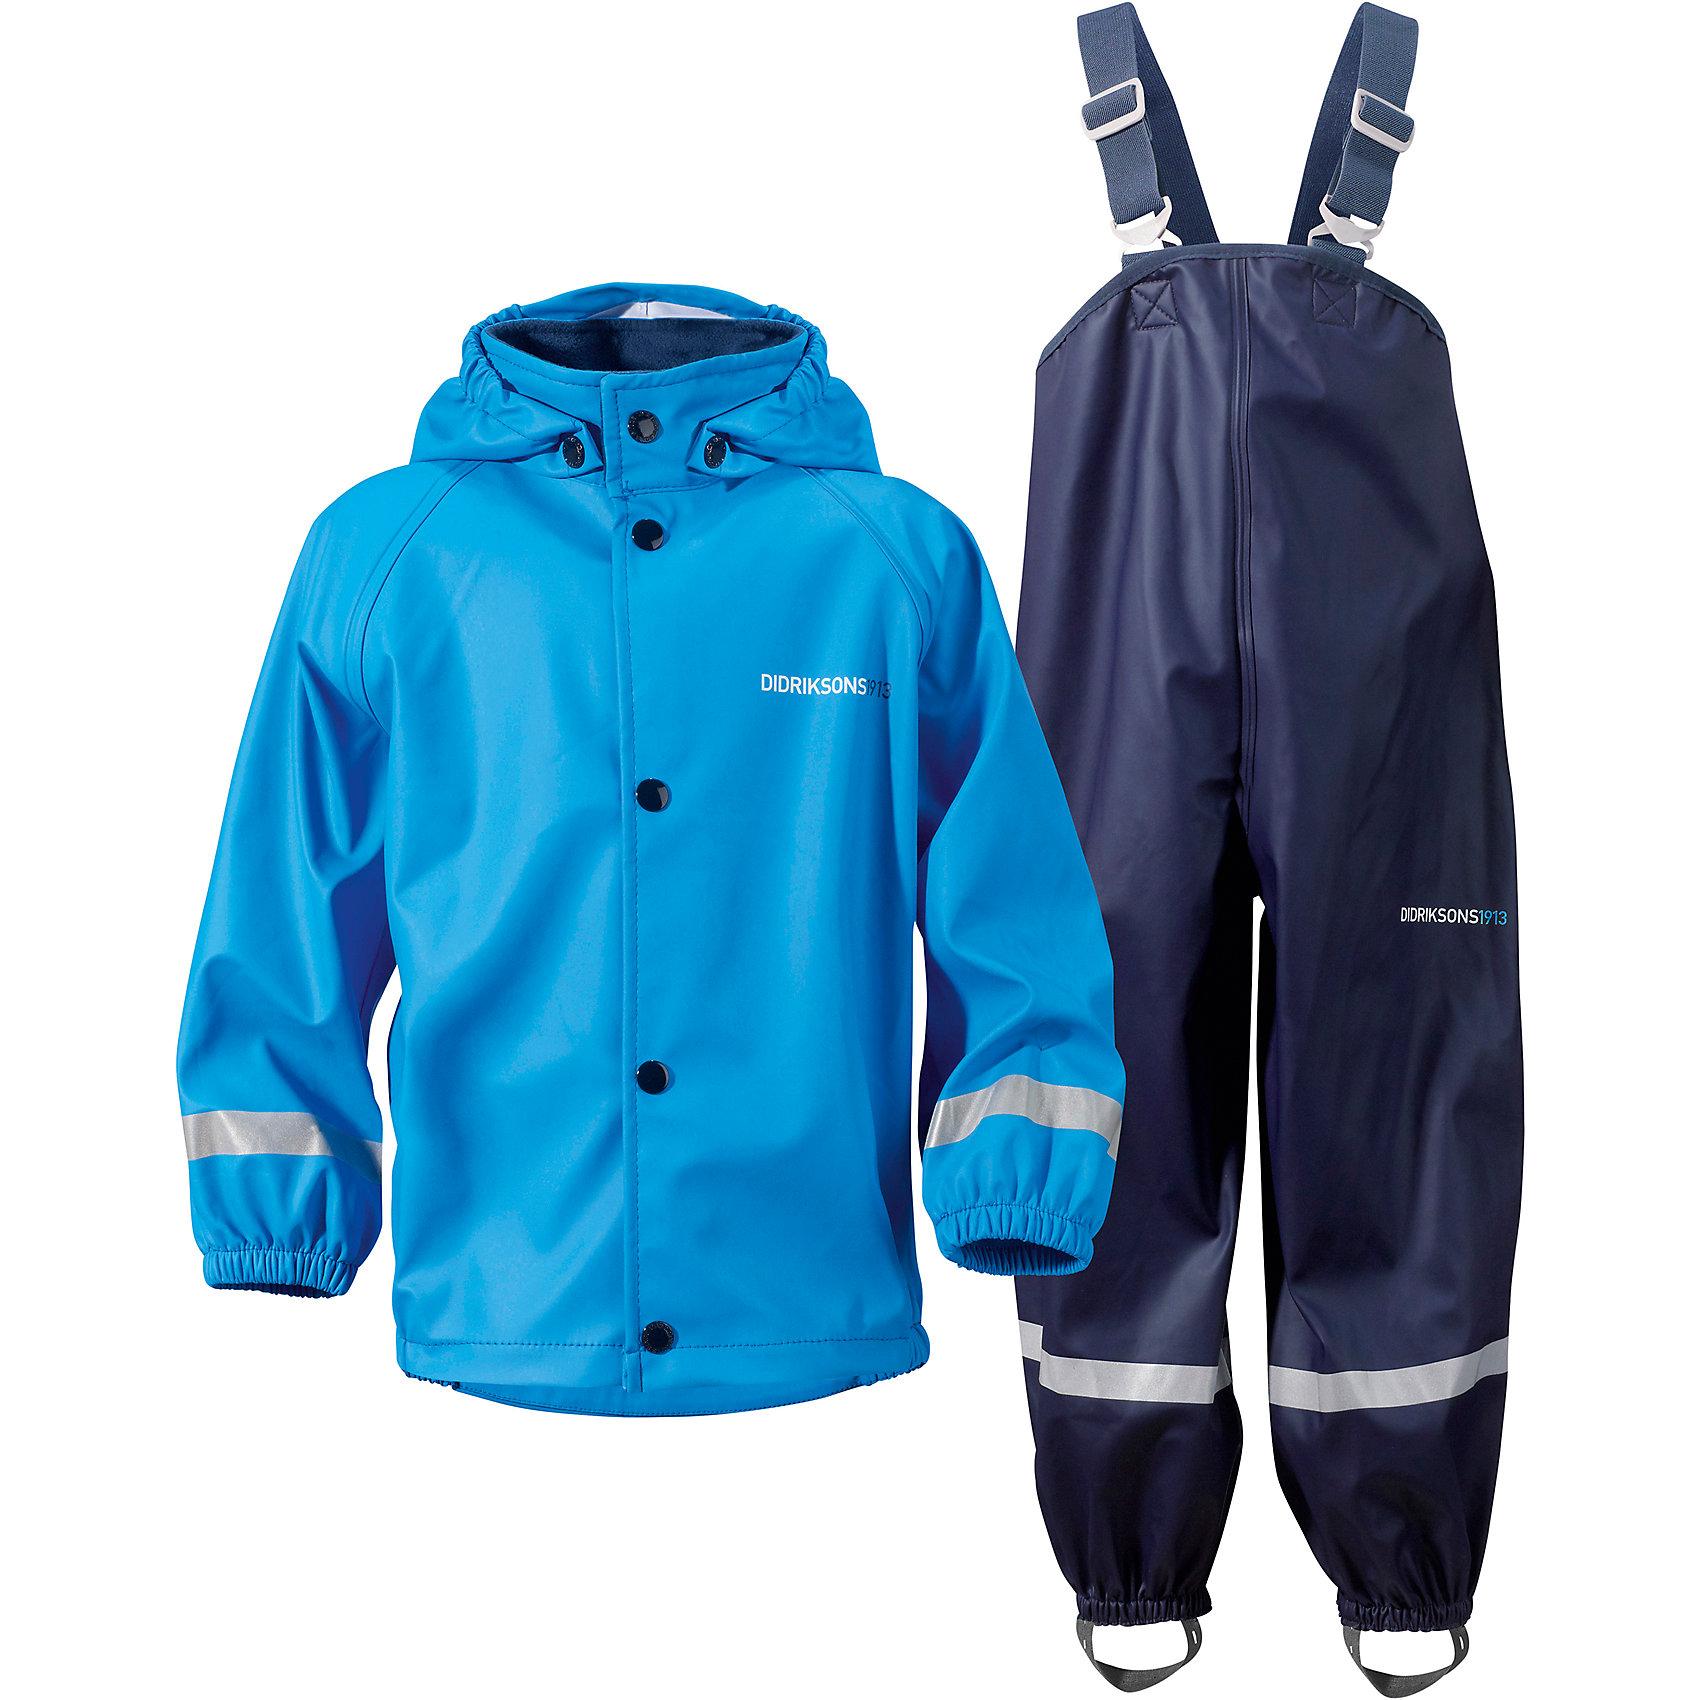 Комплект SLASKEMAN DIDRIKSONS для мальчикаВерхняя одежда<br>Характеристики товара:<br><br>• цвет: синий<br>• комплектация: куртка, полукомбинезон<br>• состав ткани: 100% полиуретан<br>• подкладка: 100% полиэстер (трикотаж)<br>• утеплитель: нет<br>• сезон: демисезон<br>• температурный режим: от +5 до +15<br>• влагонепроницаемость: 8000 мм <br>• все швы пропаяны<br>• непродуваемый<br>• капюшон: без меха, съемный<br>• штрипки<br>• застежка: кнопки<br>• манжеты на резинке<br>• фиксированные подтяжки<br>• страна бренда: Швеция<br>• страна изготовитель: Китай<br><br>Стильный комплект для дождливой погоды дополнен штрипками. Плотный верх детской куртки и полукомбинезона не промокает и не продувается, его легко чистить. Демисезонный комплект для ребенка отличается продуманным дизайном. Непромокаемый и непродуваемый верх детского комплекта усилен пропаянными швами. <br><br>Комплект для мальчика Slaskeman Didriksons (Дидриксонс) можно купить в нашем интернет-магазине.<br><br>Ширина мм: 356<br>Глубина мм: 10<br>Высота мм: 245<br>Вес г: 519<br>Цвет: голубой<br>Возраст от месяцев: 108<br>Возраст до месяцев: 120<br>Пол: Мужской<br>Возраст: Детский<br>Размер: 140,80,90,100,110,120,130<br>SKU: 7044743